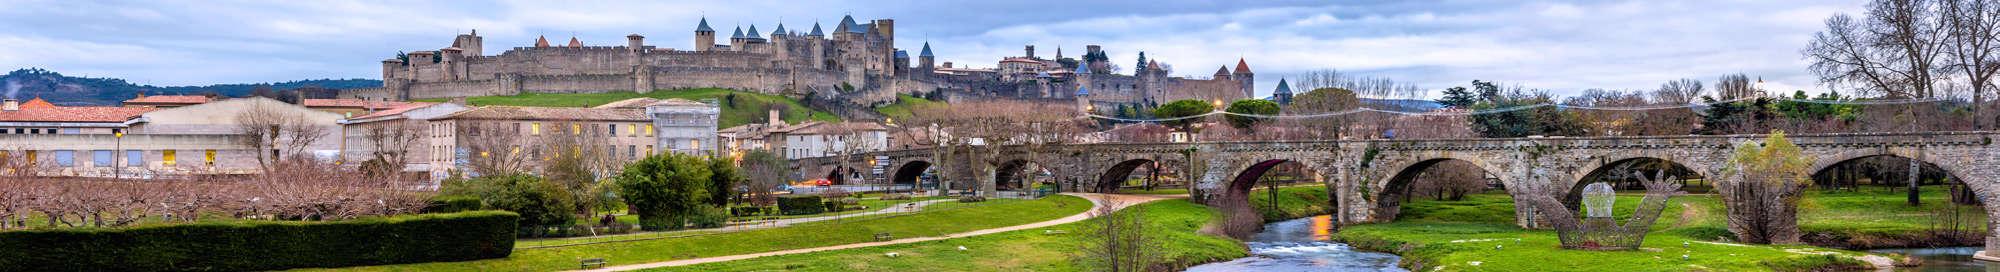 Week-end et séjour en Languedoc-Roussillon